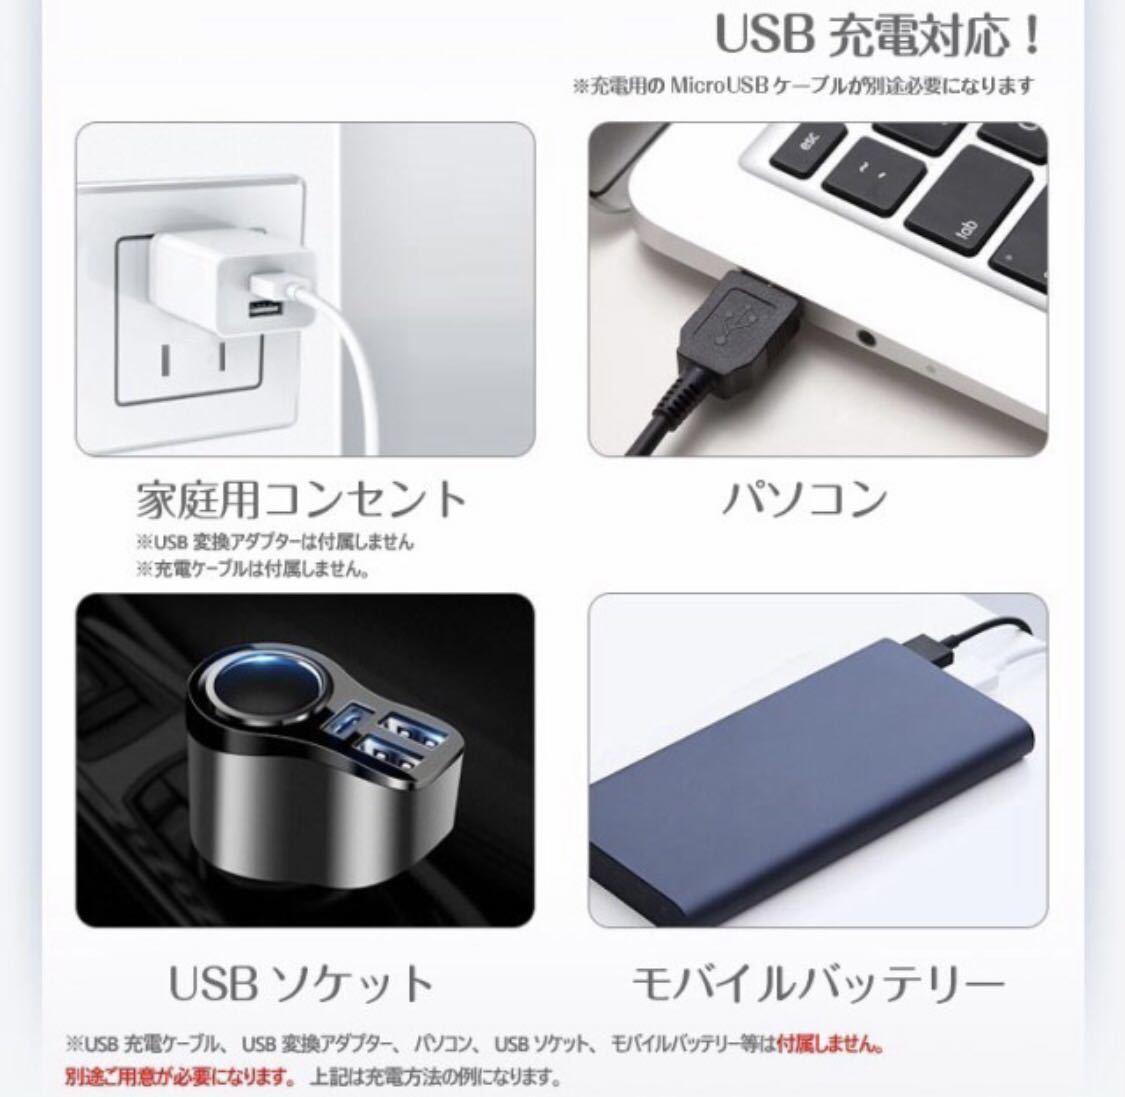 LED懐中電灯 ハンディライト 超高輝度 USB充電式 ズーム式 SOS 点滅 防災 停電対策